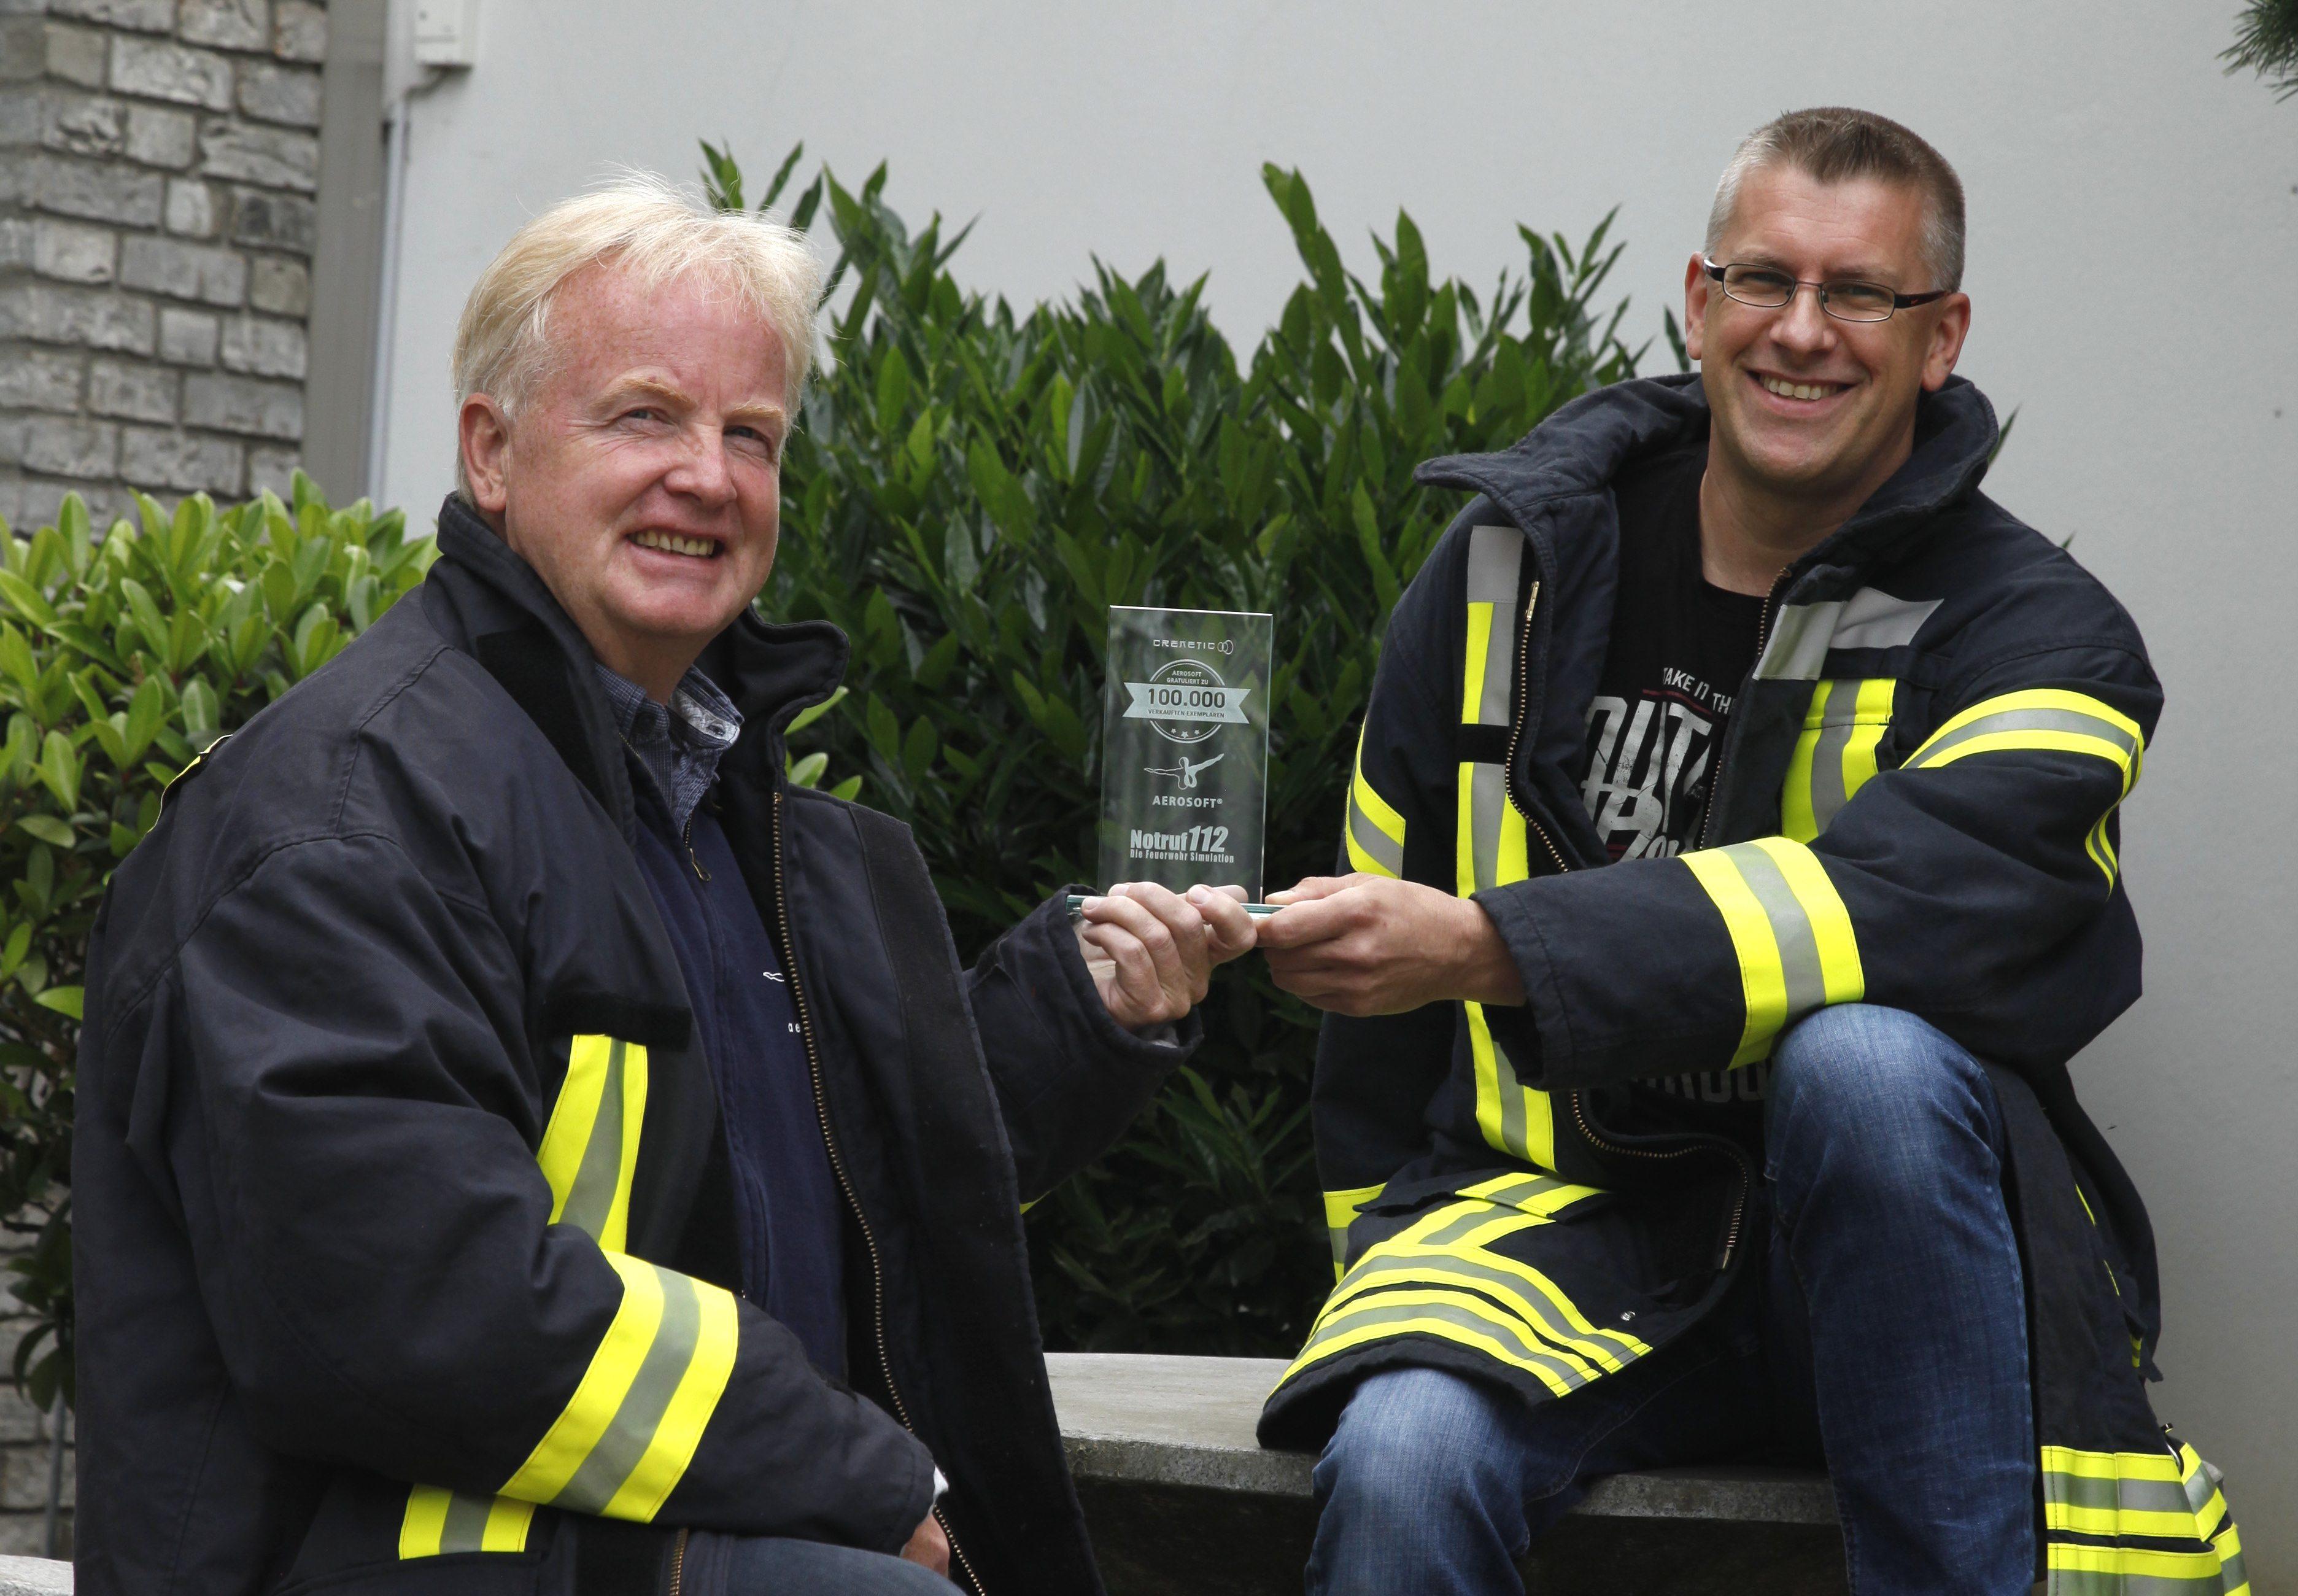 Pokalübergabe zu Notruf 112 - Die Feuerwehr Simulation